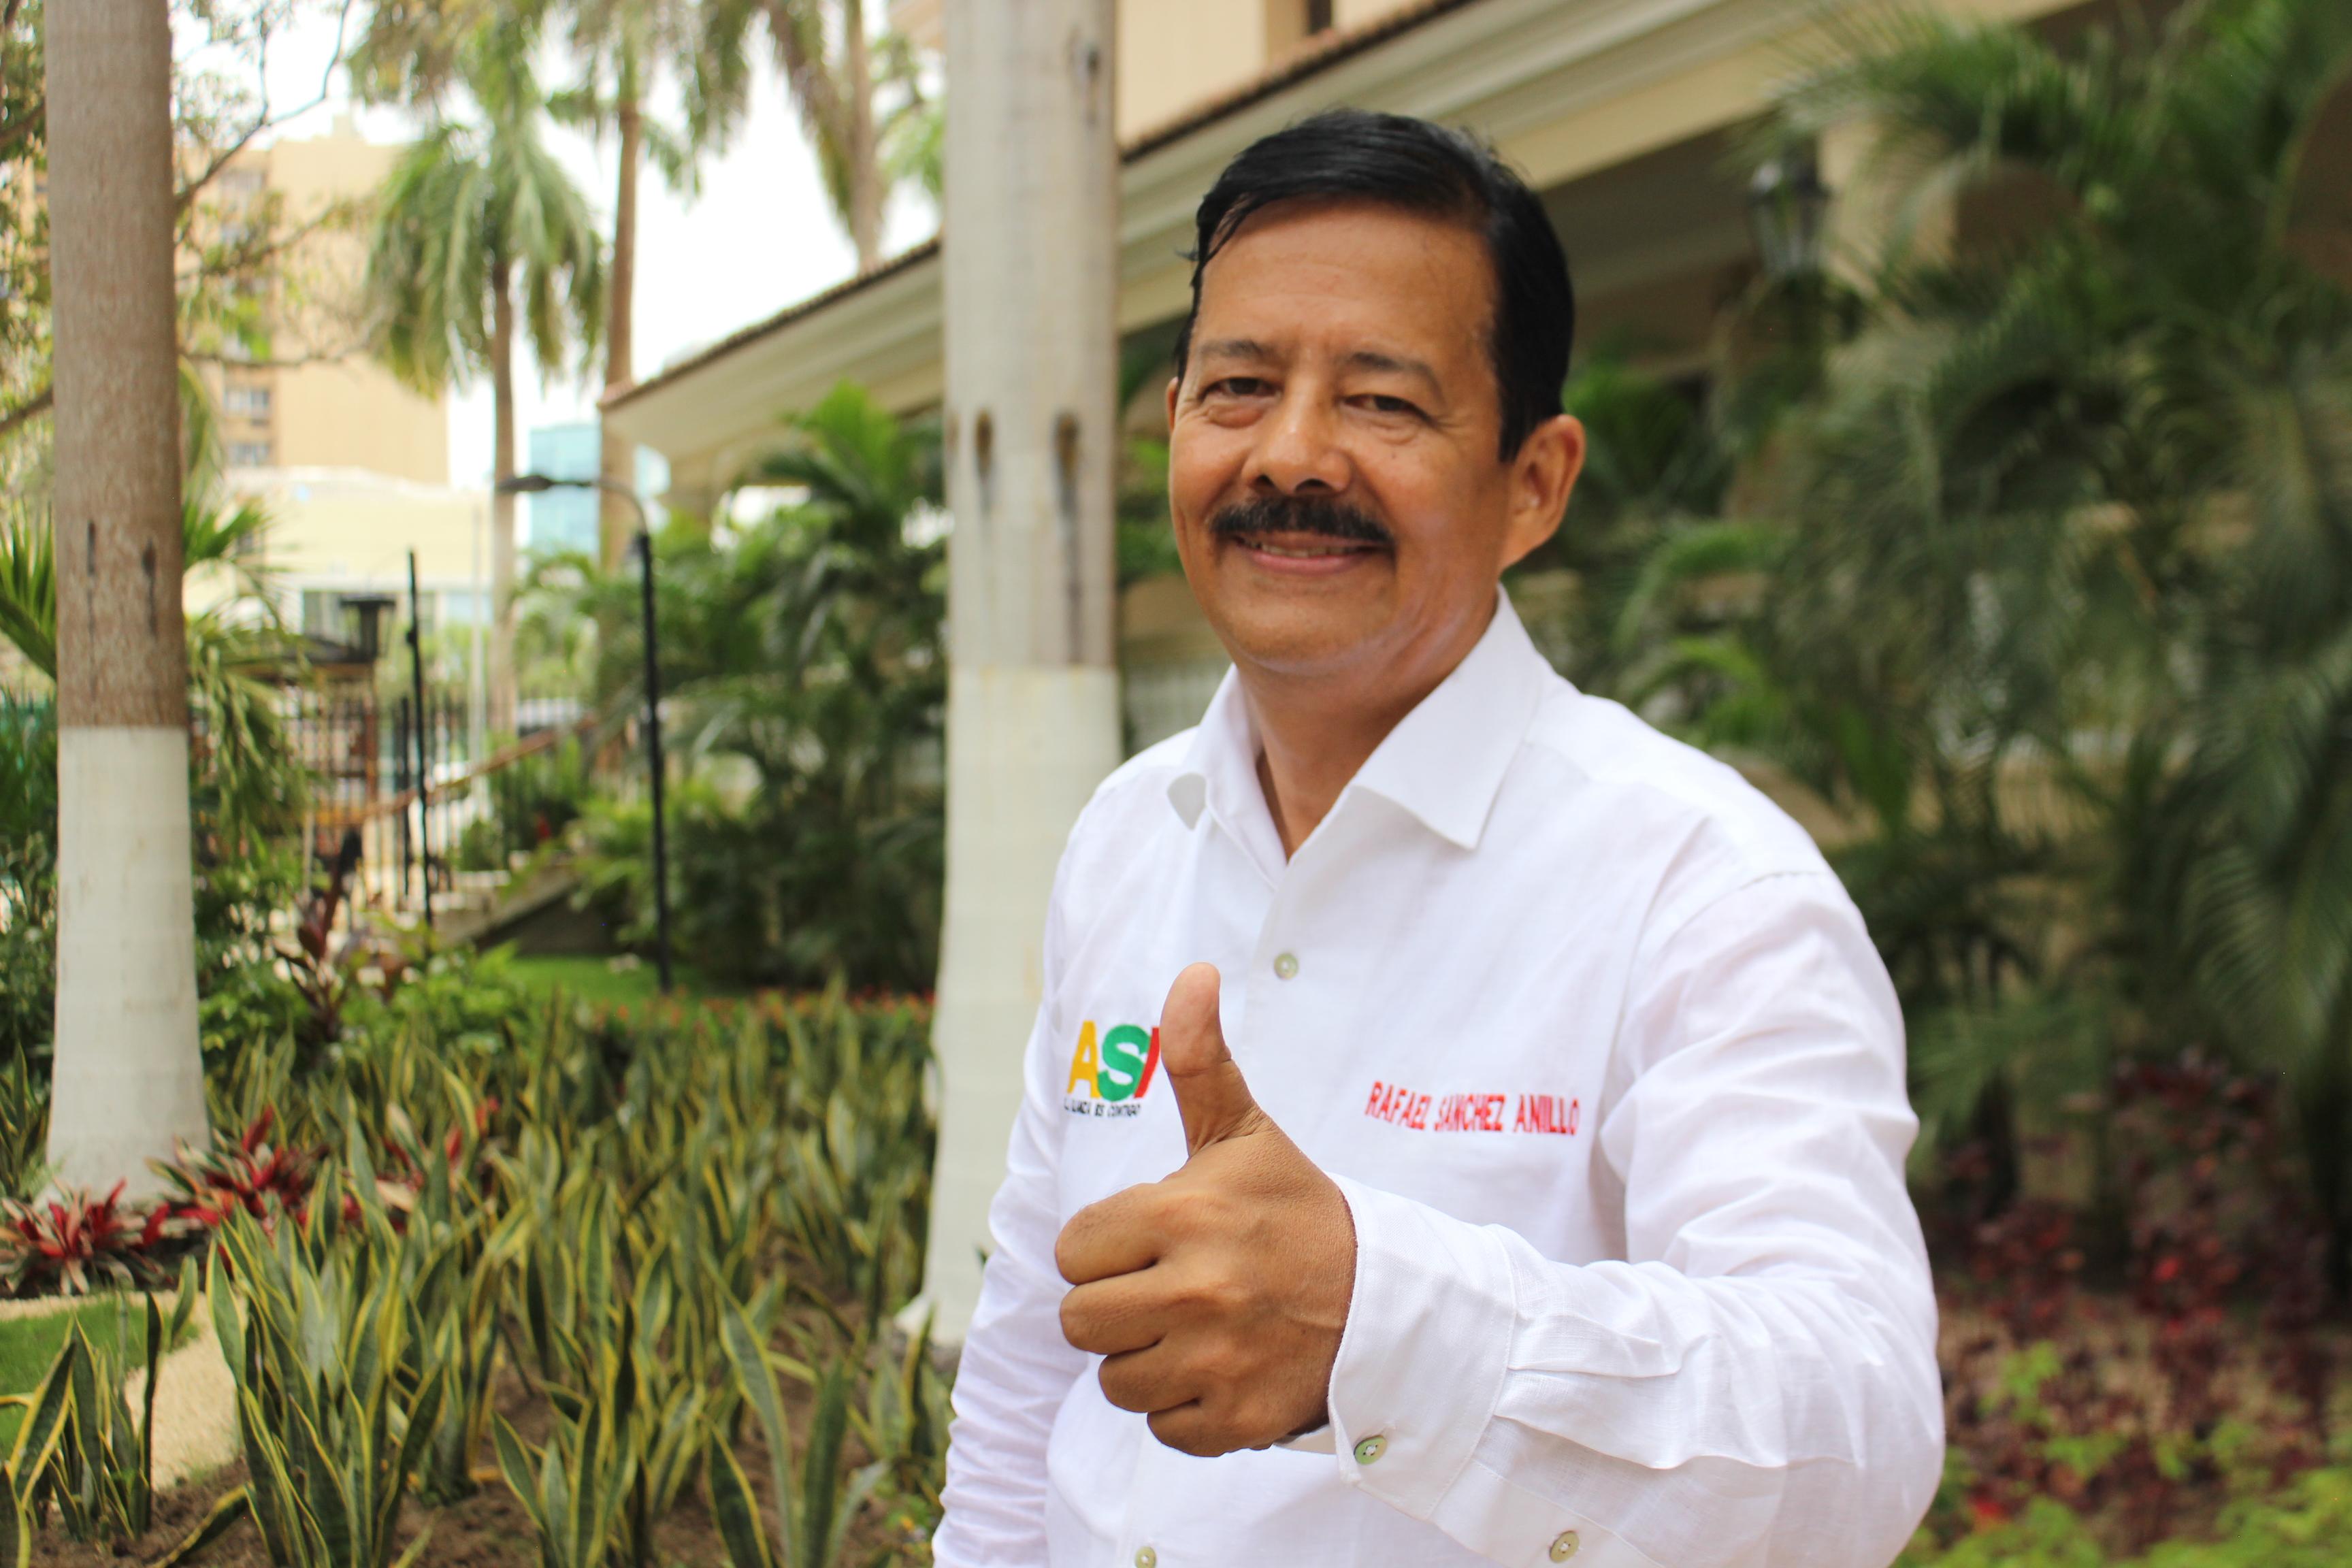 Rafael Sánchez Anillo oficializó su candidatura a la Alcaldía de Barranquilla